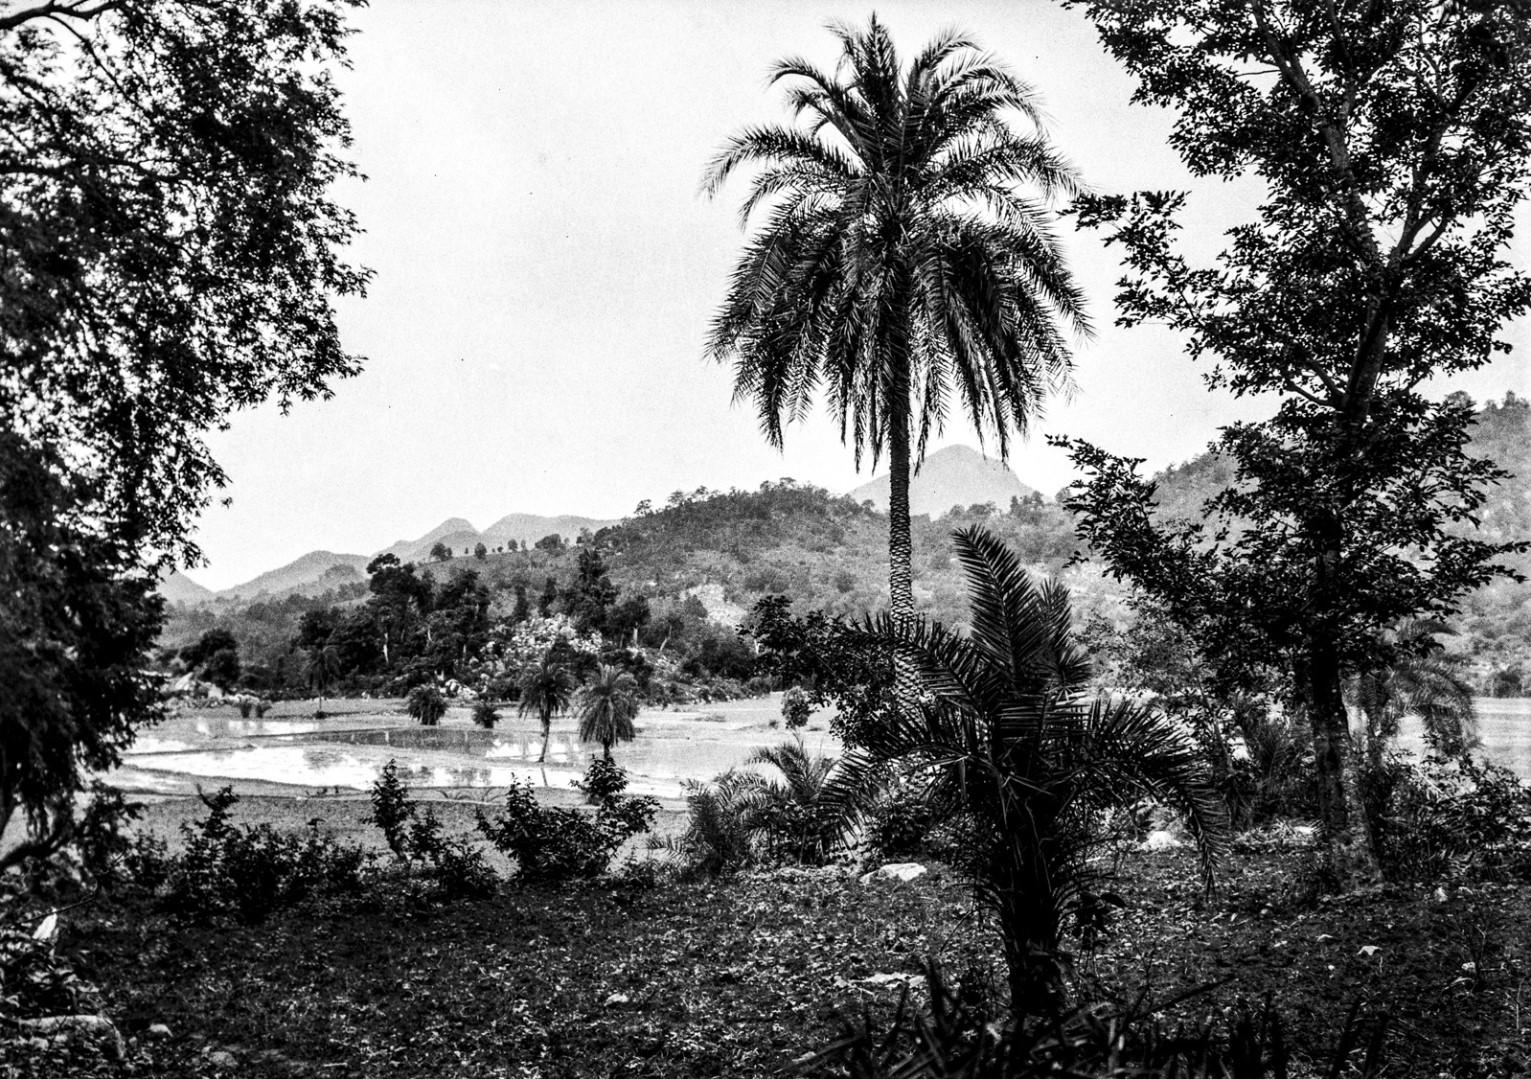 708. Орисса. Субтропический пейзаж с пальмами и рисовыми полями